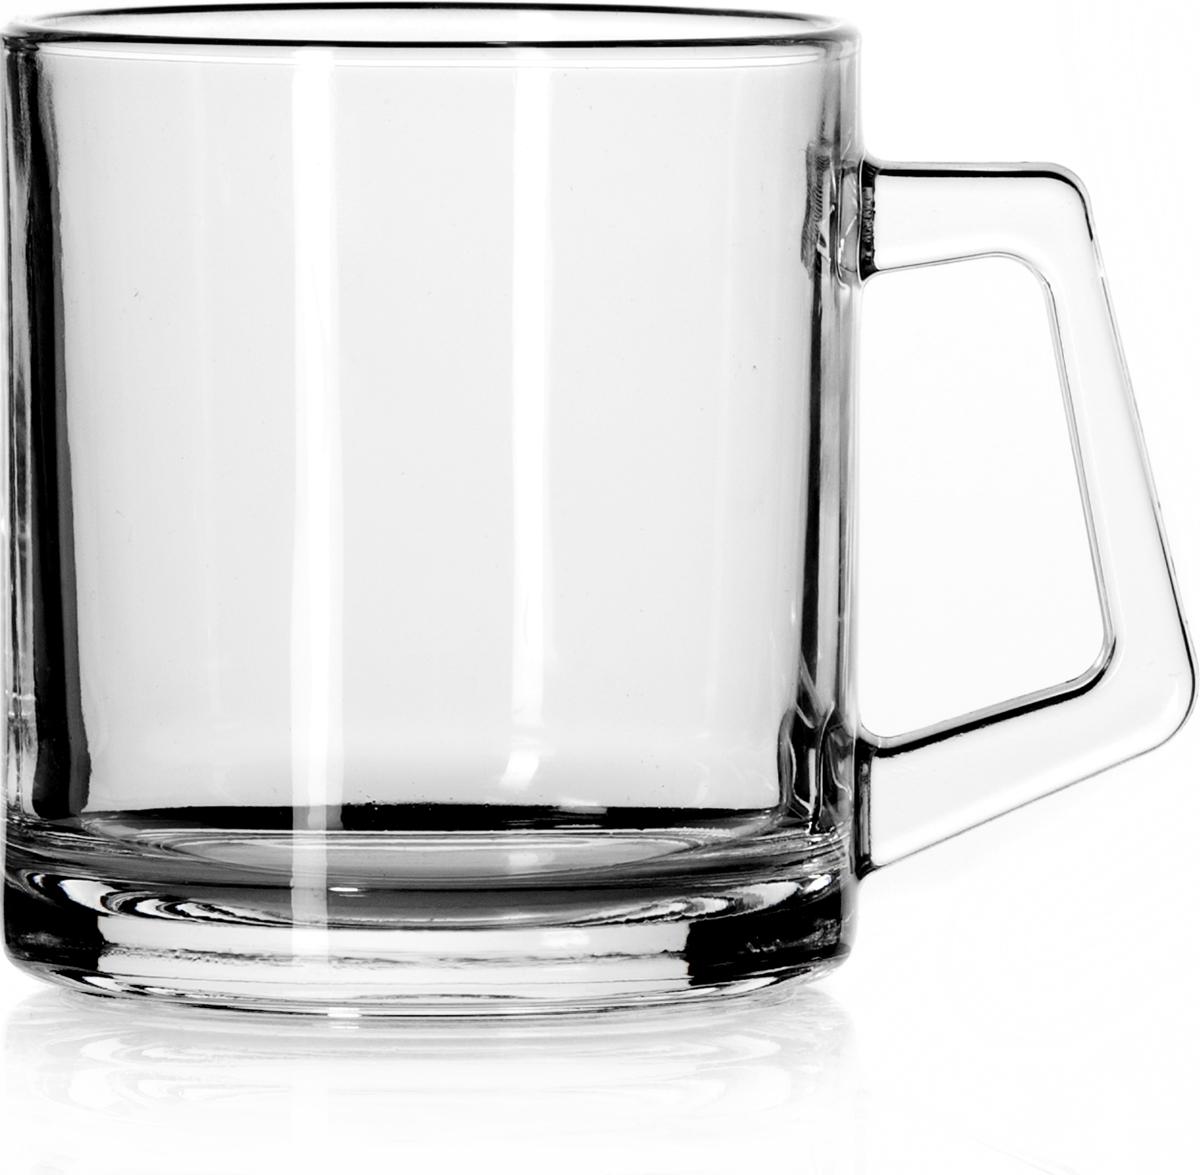 """Набор Pasabahce """"Basic"""" состоит из двух кружек с удобными ручками, выполненных из прочного натрий-кальций-силикатного стекла. Изделия хорошо удерживают тепло, не нагреваются. Посуда Pasabahce будет радовать вас оригинальным дизайном и качеством изготовления."""